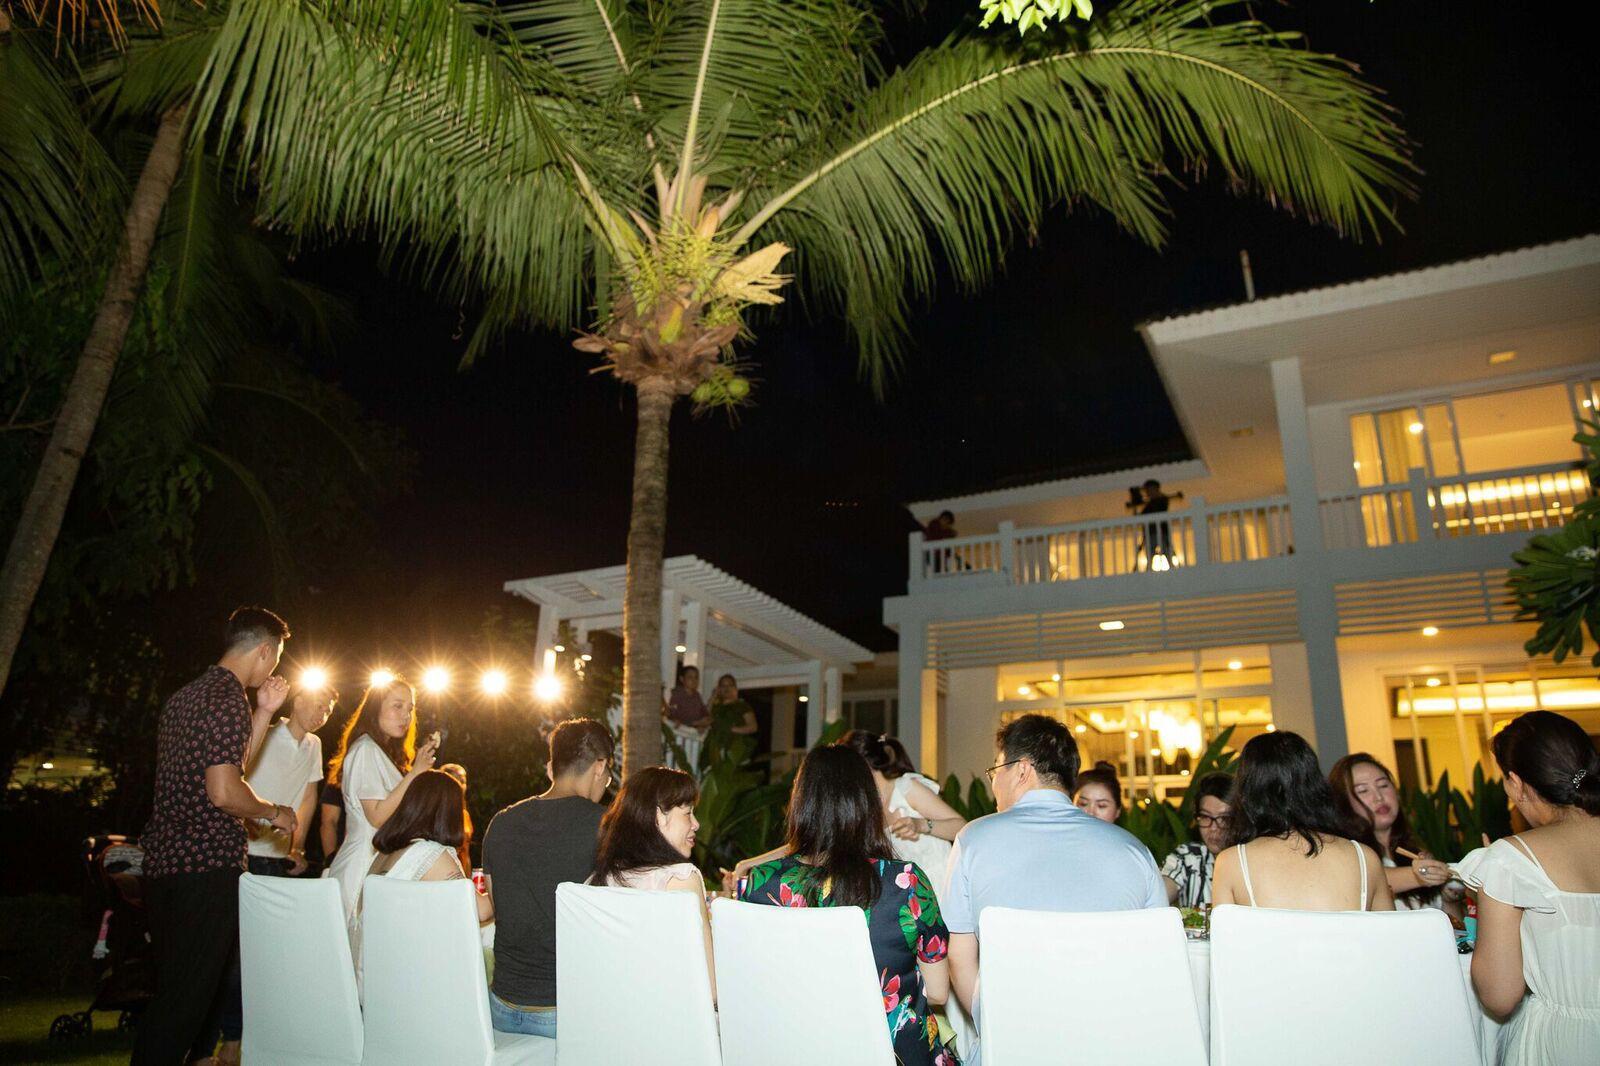 Trước giờ G cử hành hôn lễ, nhà văn Gào chia sẻ những hình ảnh về tiệc chia tay thời độc thân cùng dàn phù dâu xinh đẹp - Ảnh 11.